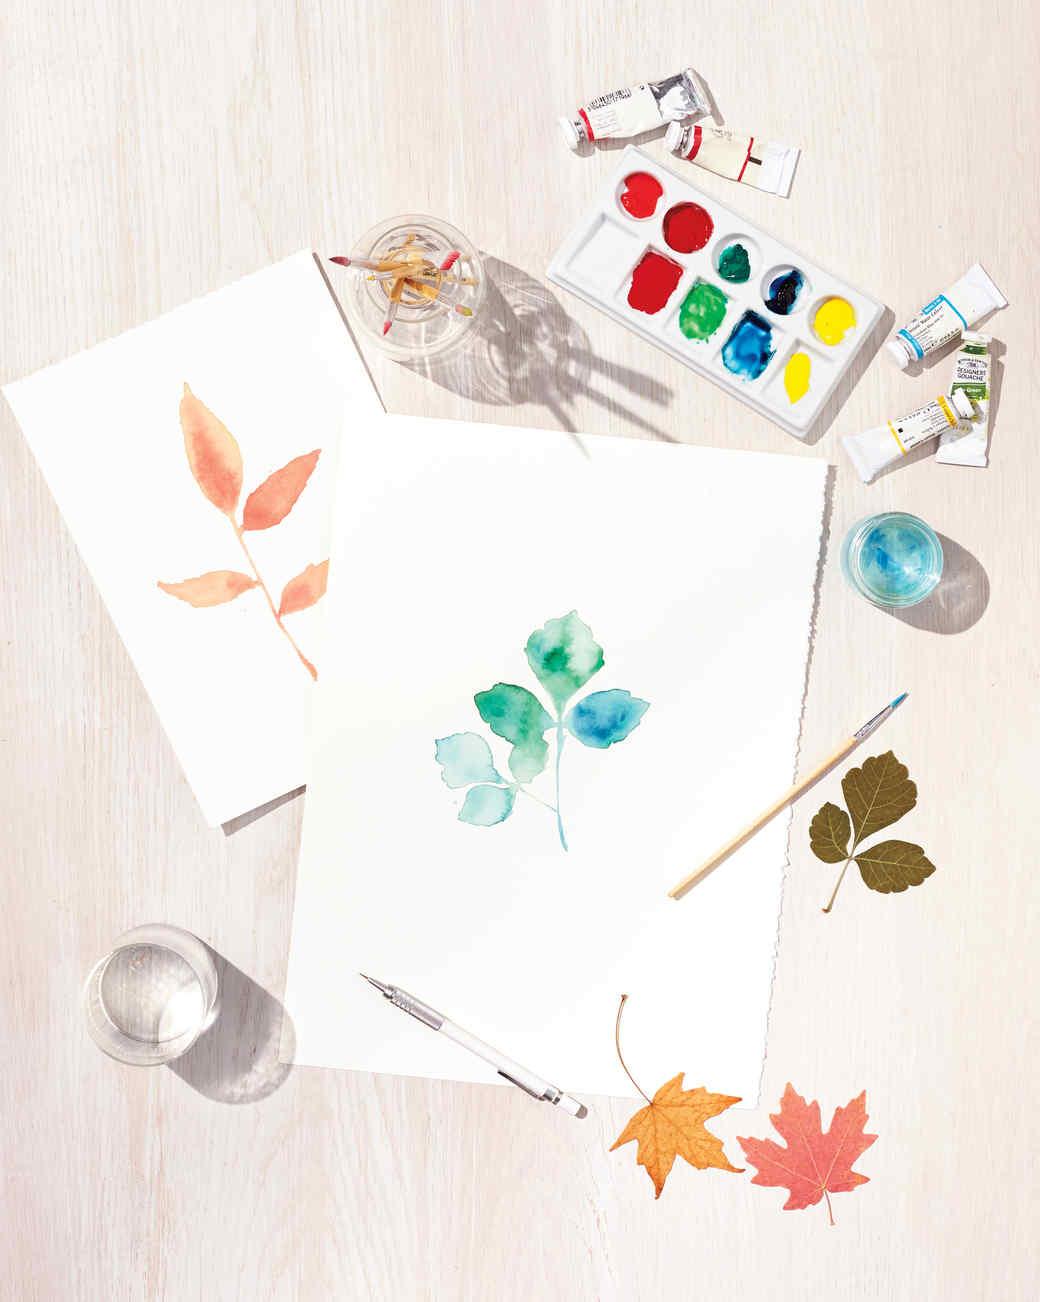 watercolor-leaf-art-192-d111316.jpg